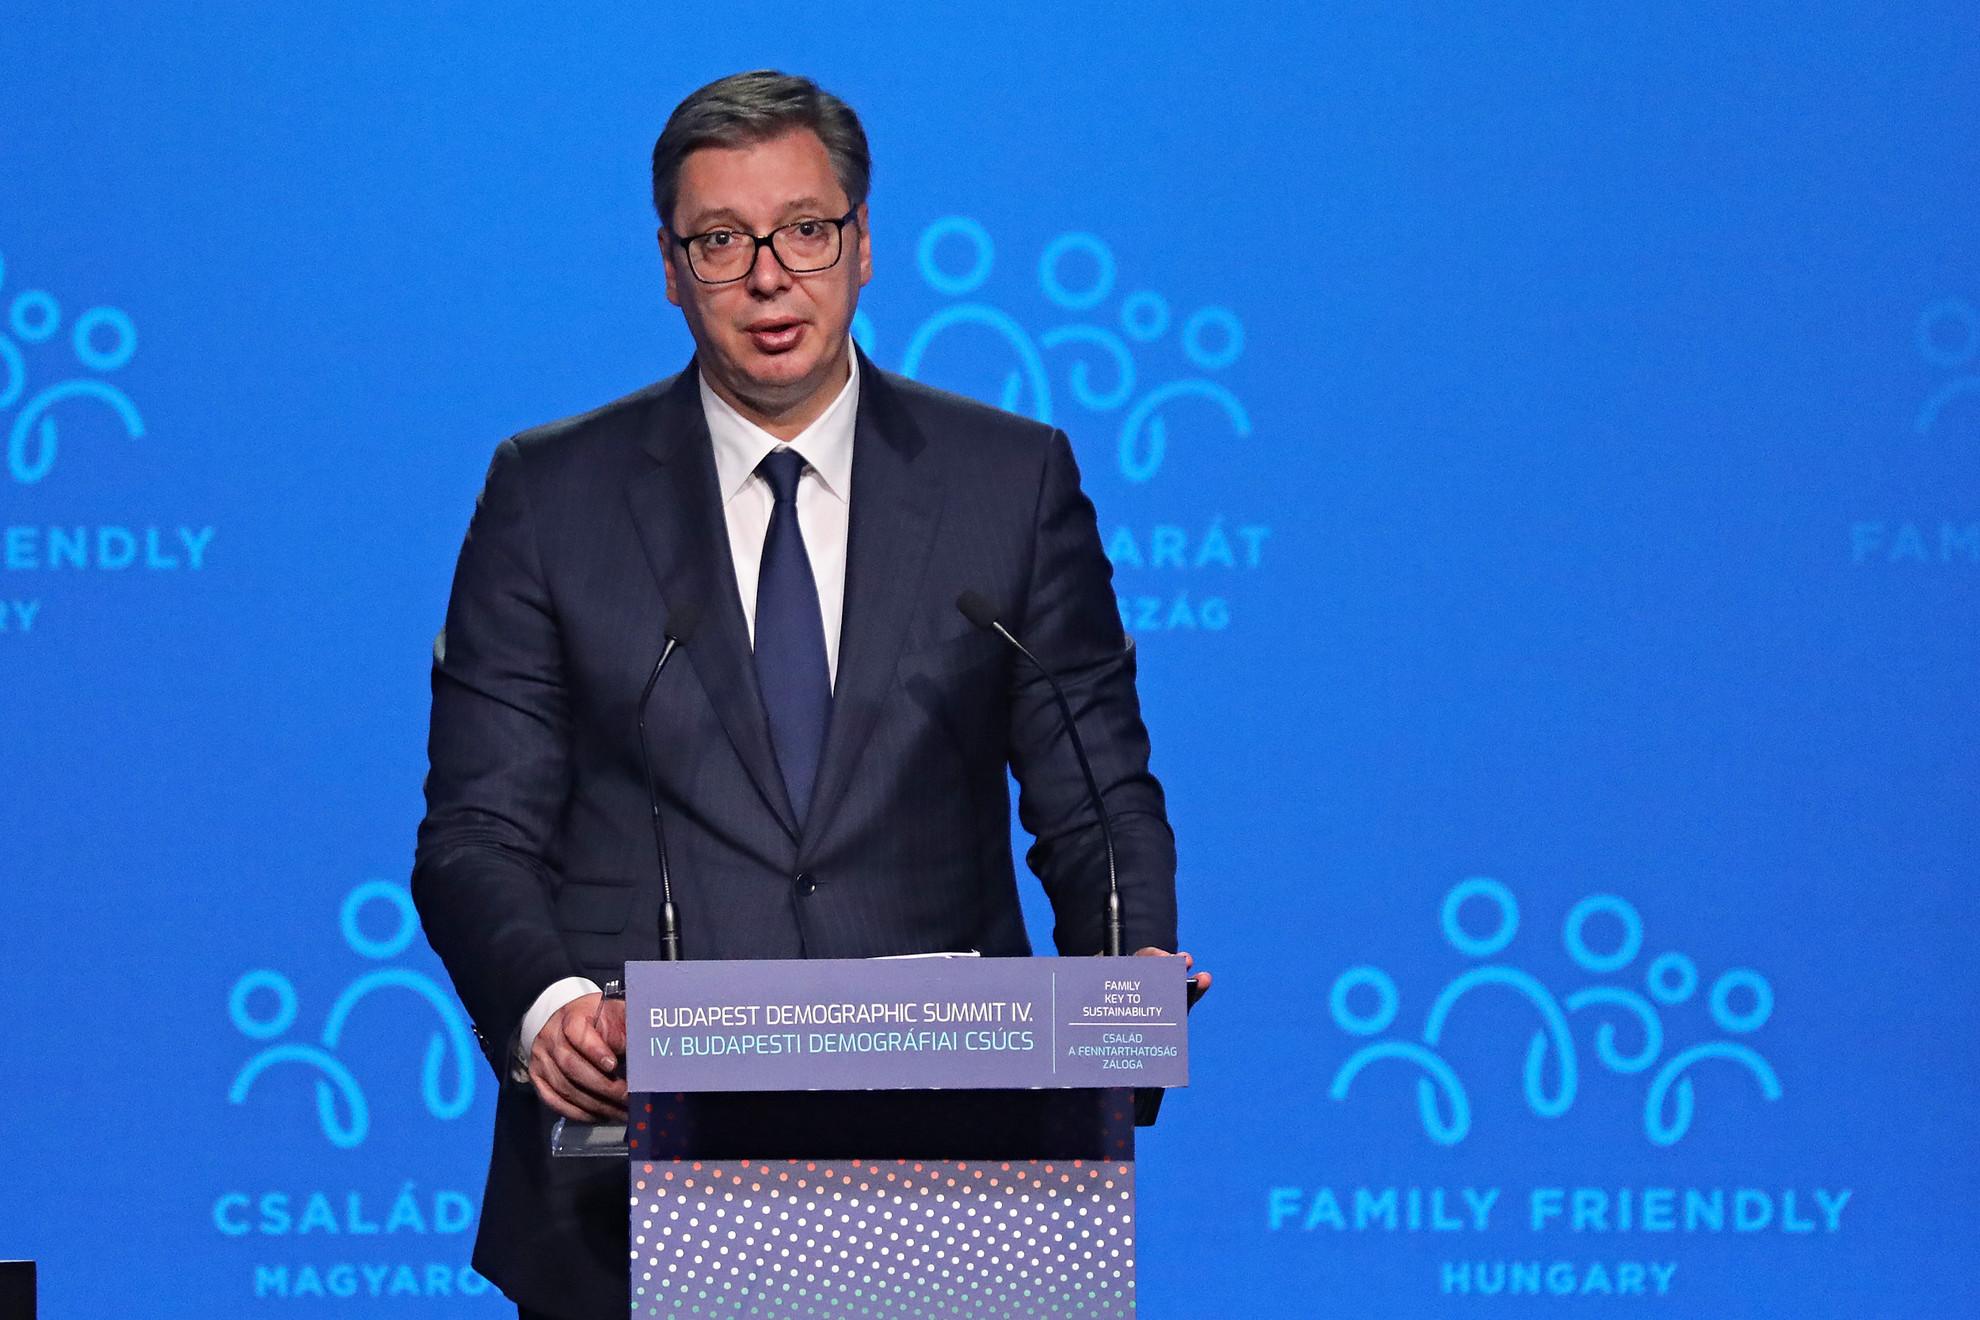 Aleksandar Vucic szerb elnök a IV. Budapesti Demográfiai Csúcson a Várkert Bazárban 2021. szeptember 23-án